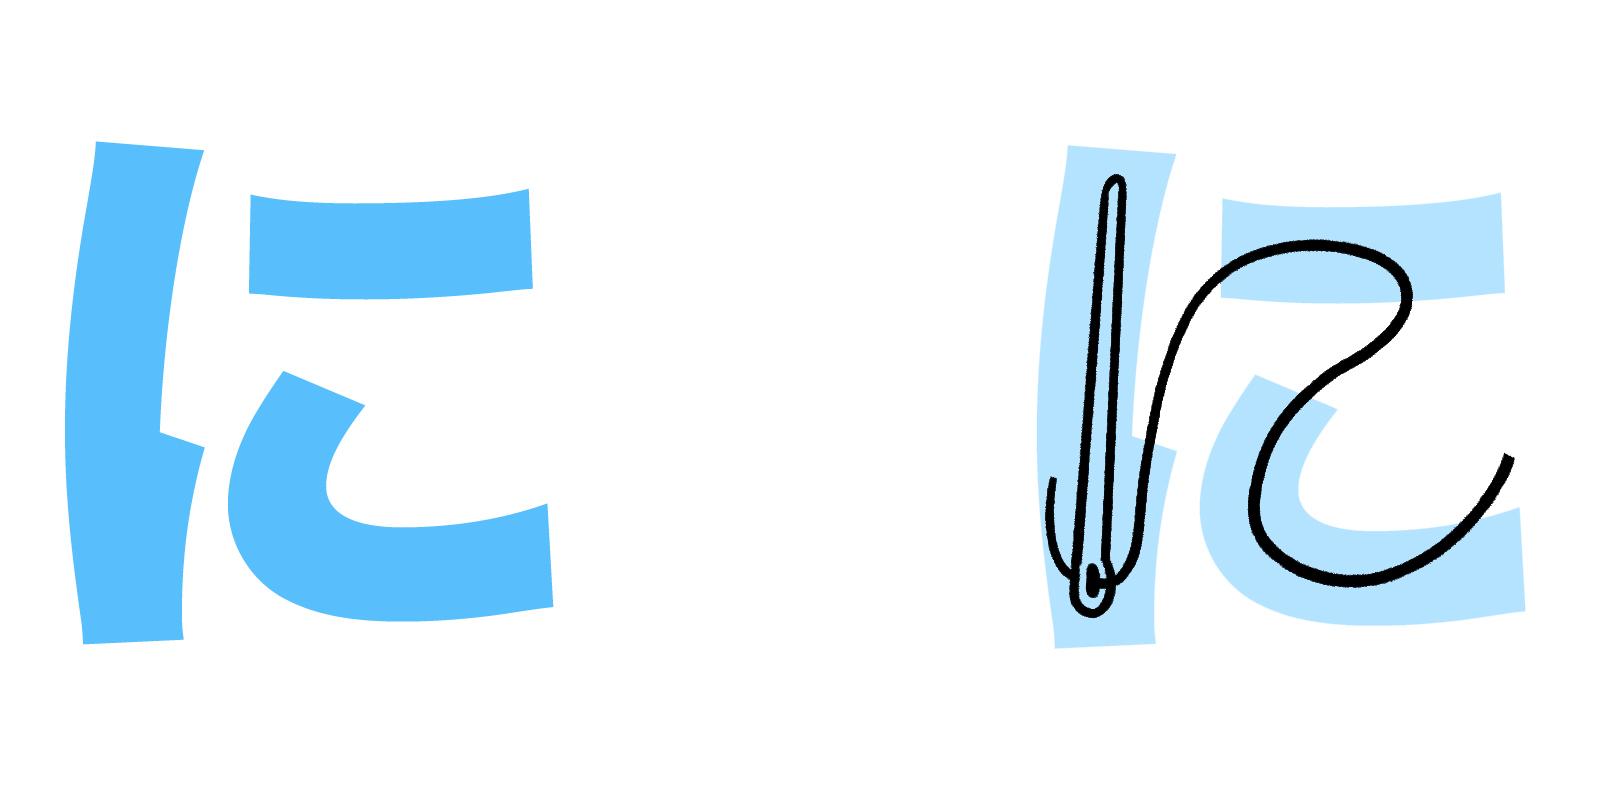 に hiragana mnemonic